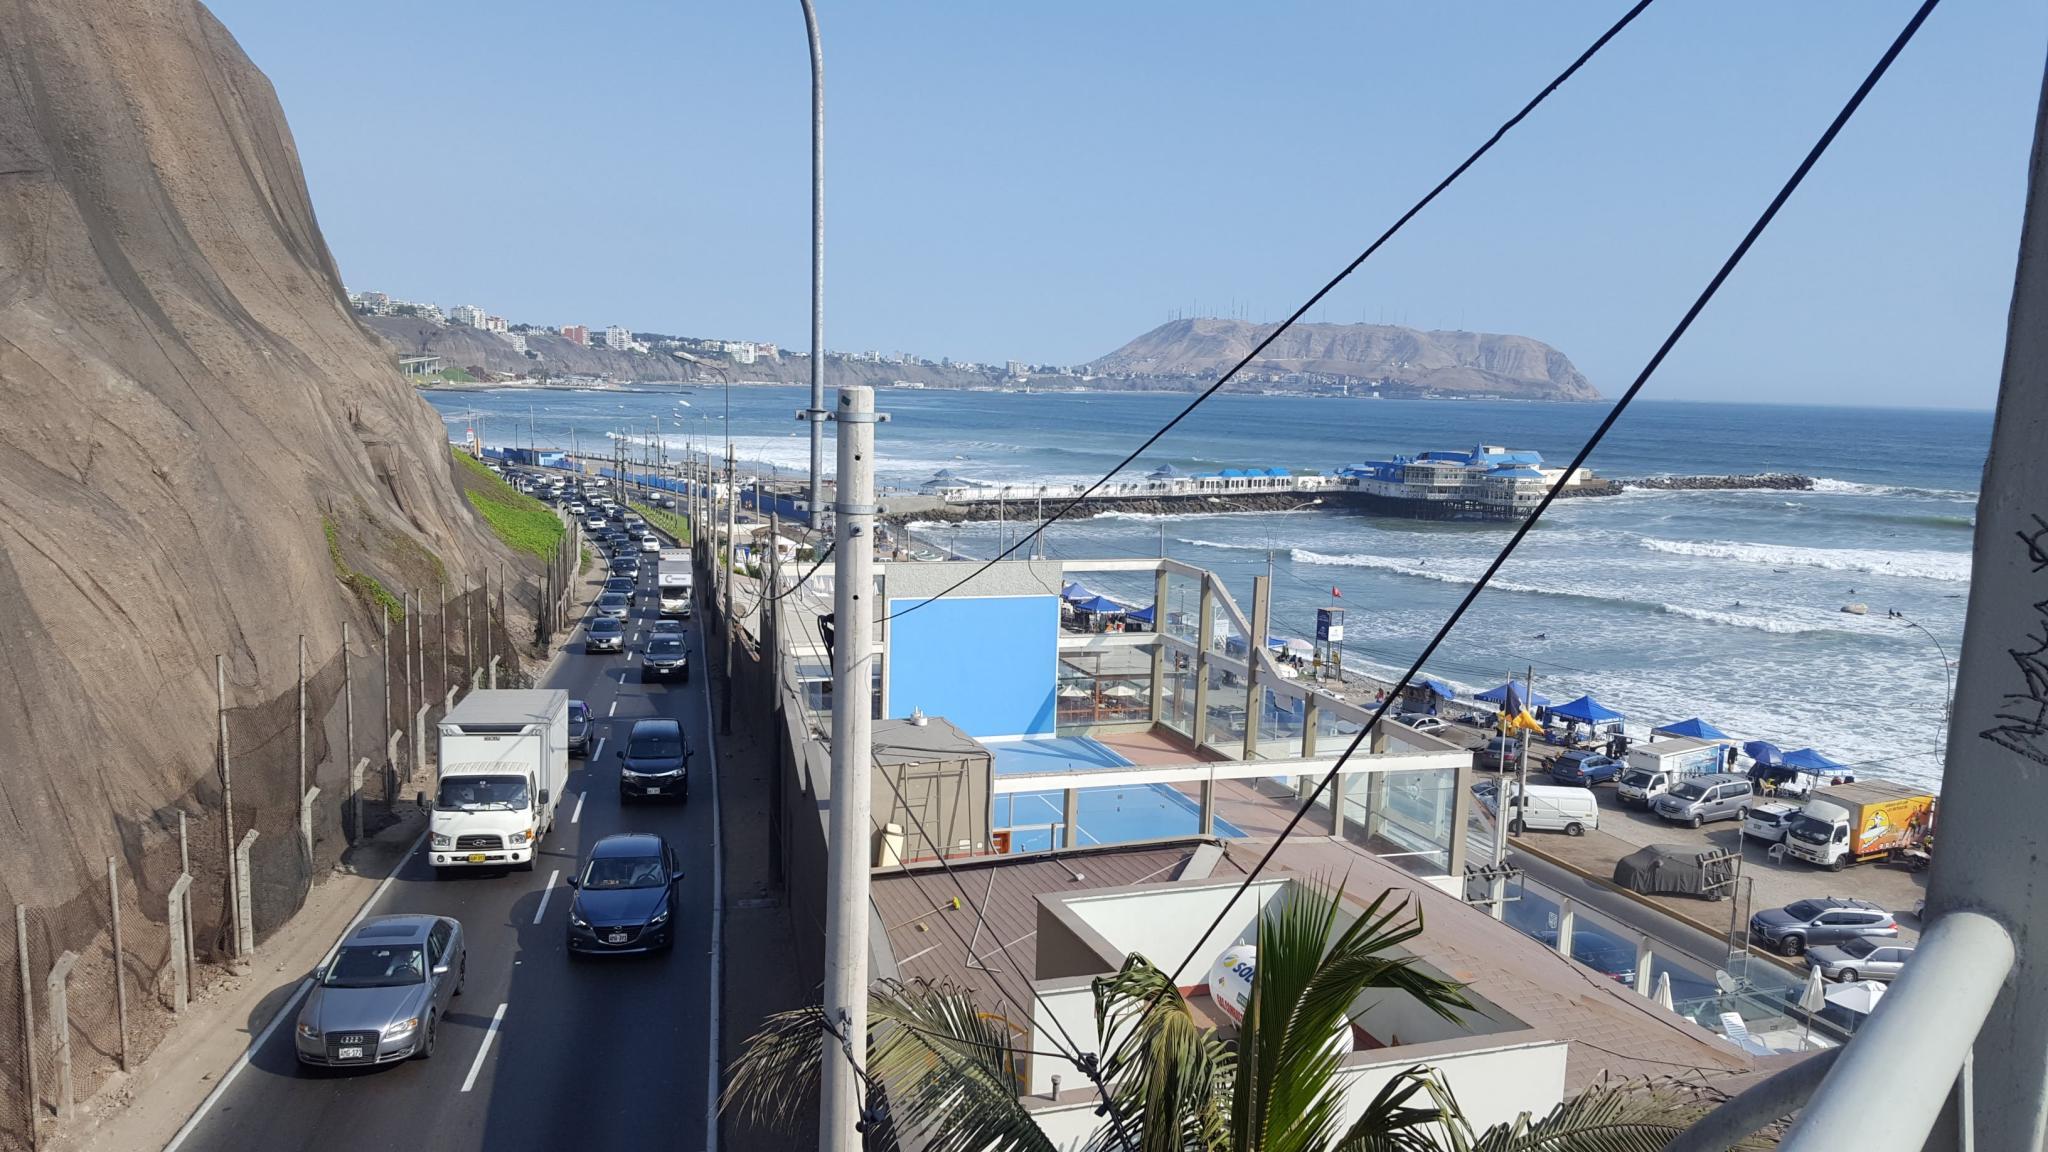 Peru: Lima, Cusco and Machu Picchu-lima-road-jpg